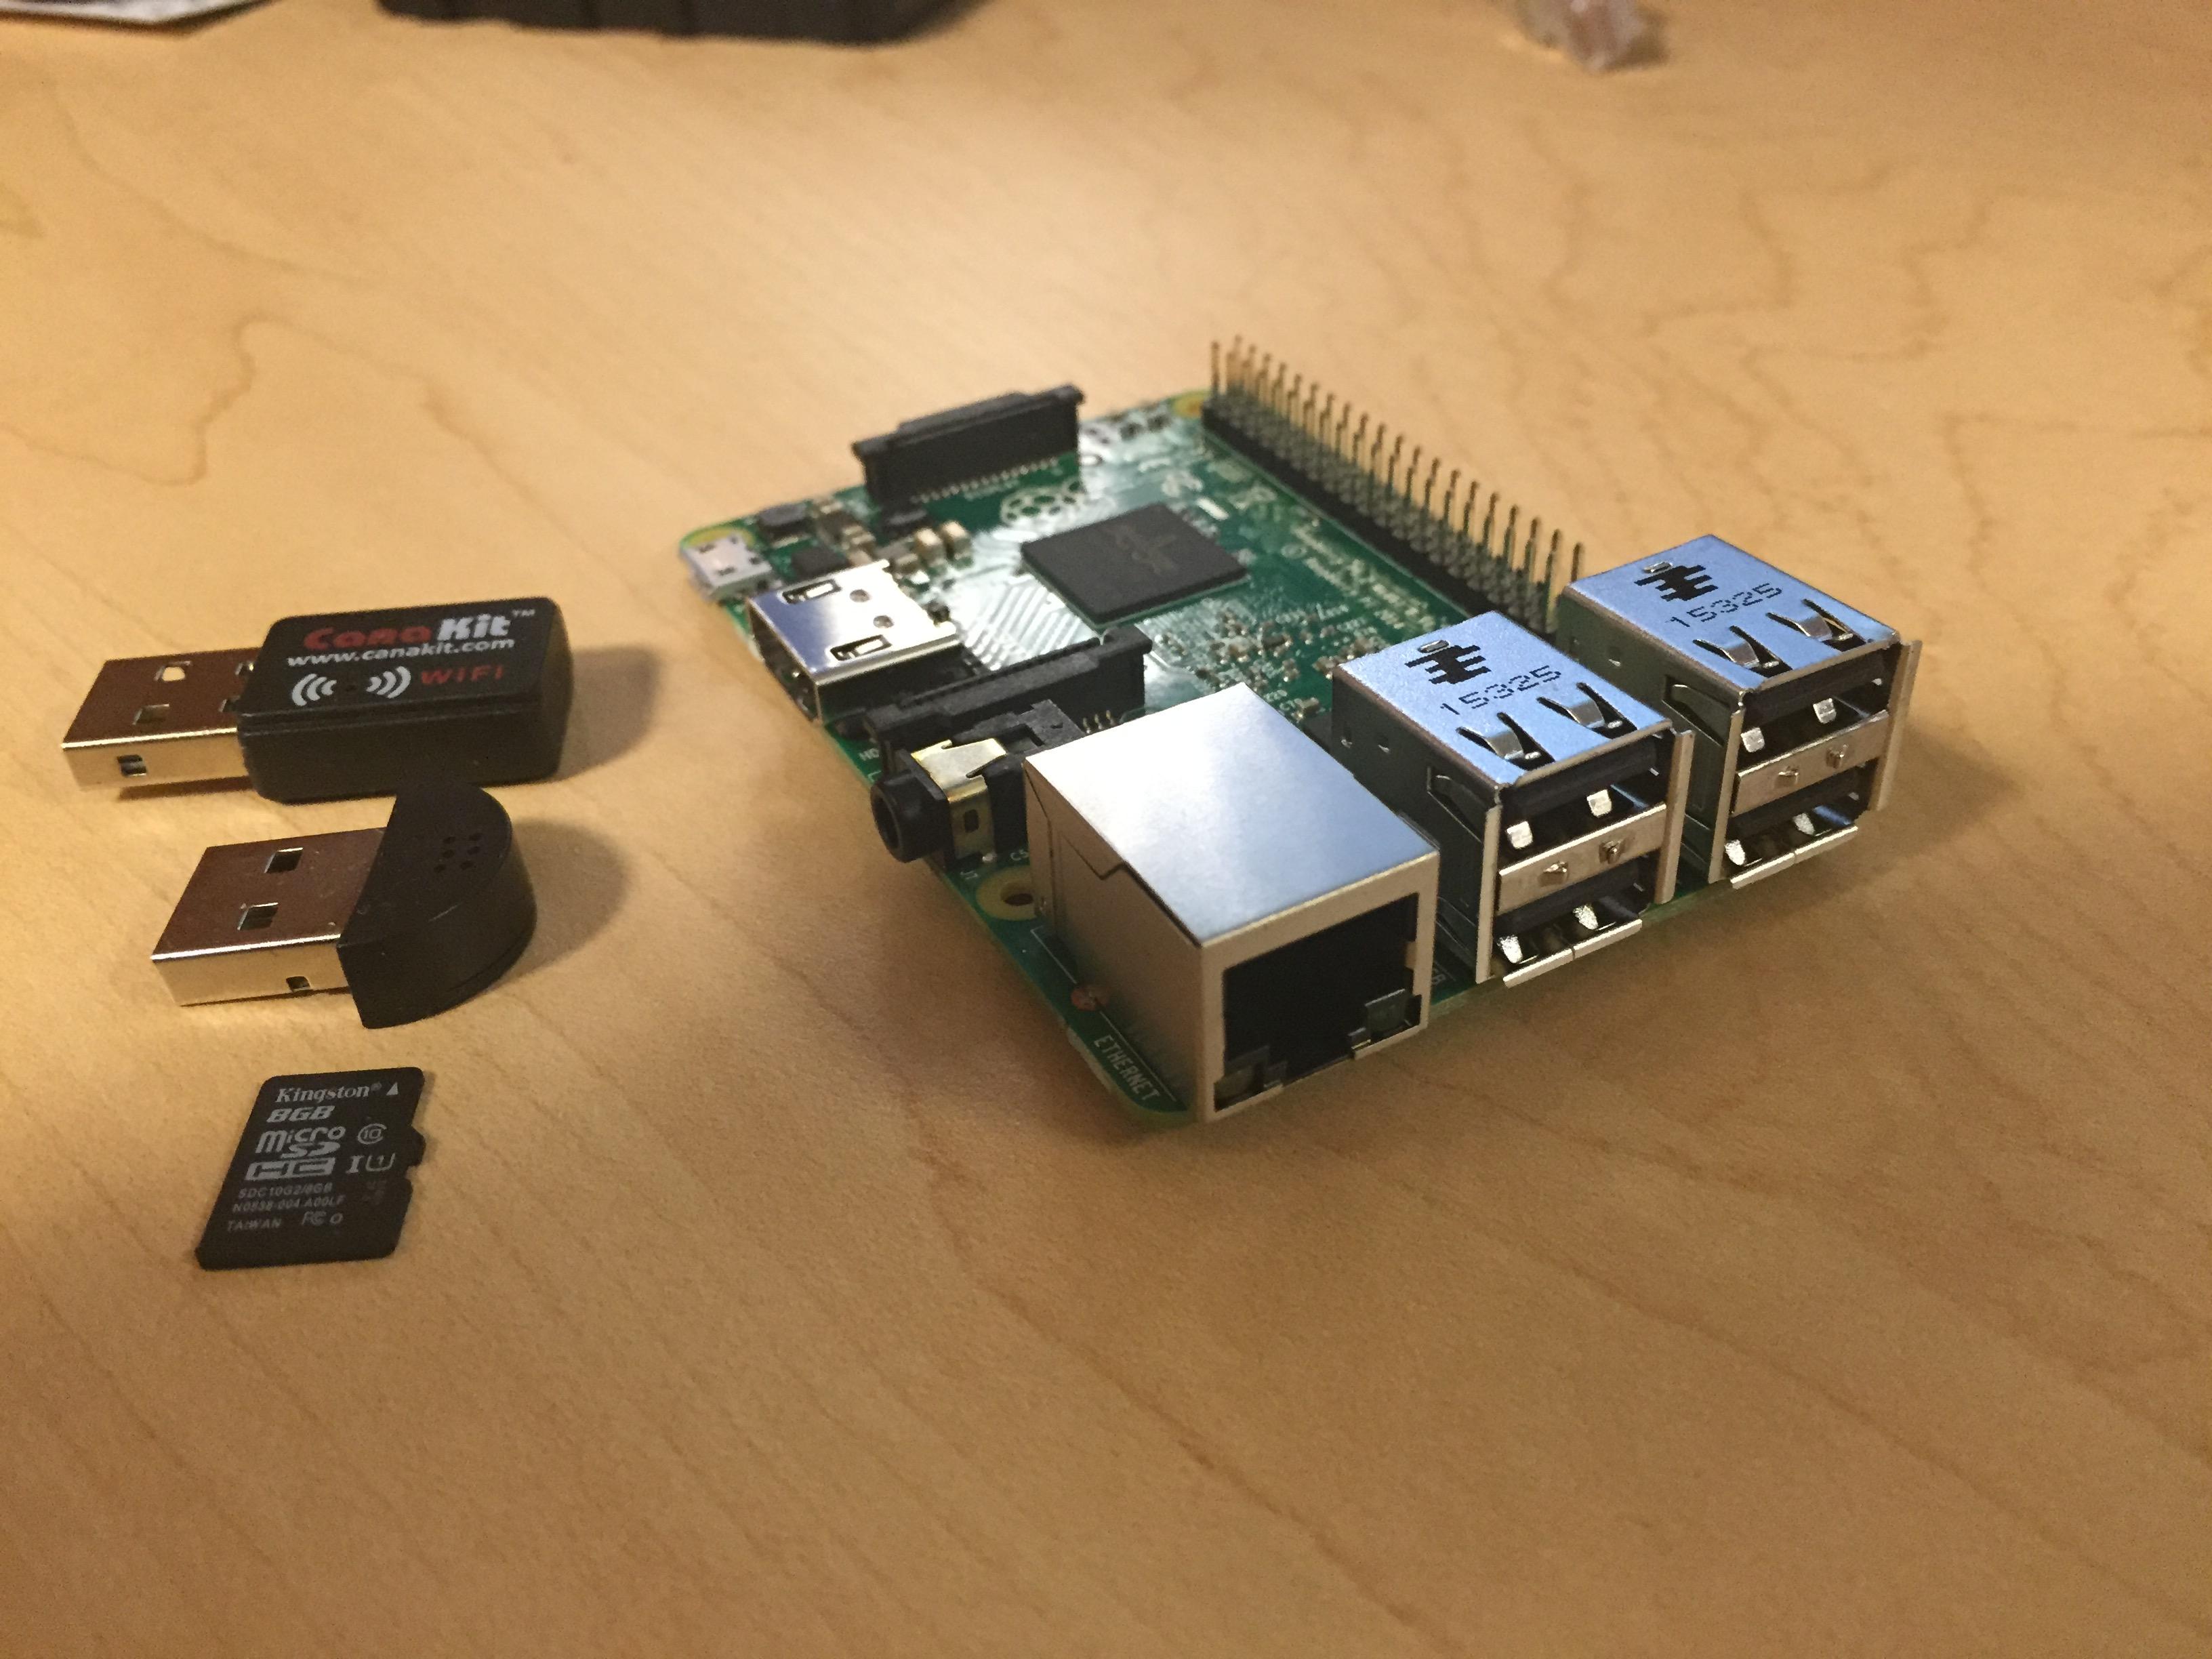 Raspbery Pi 2 med wifi dongle, mikrofon og sd-kort.